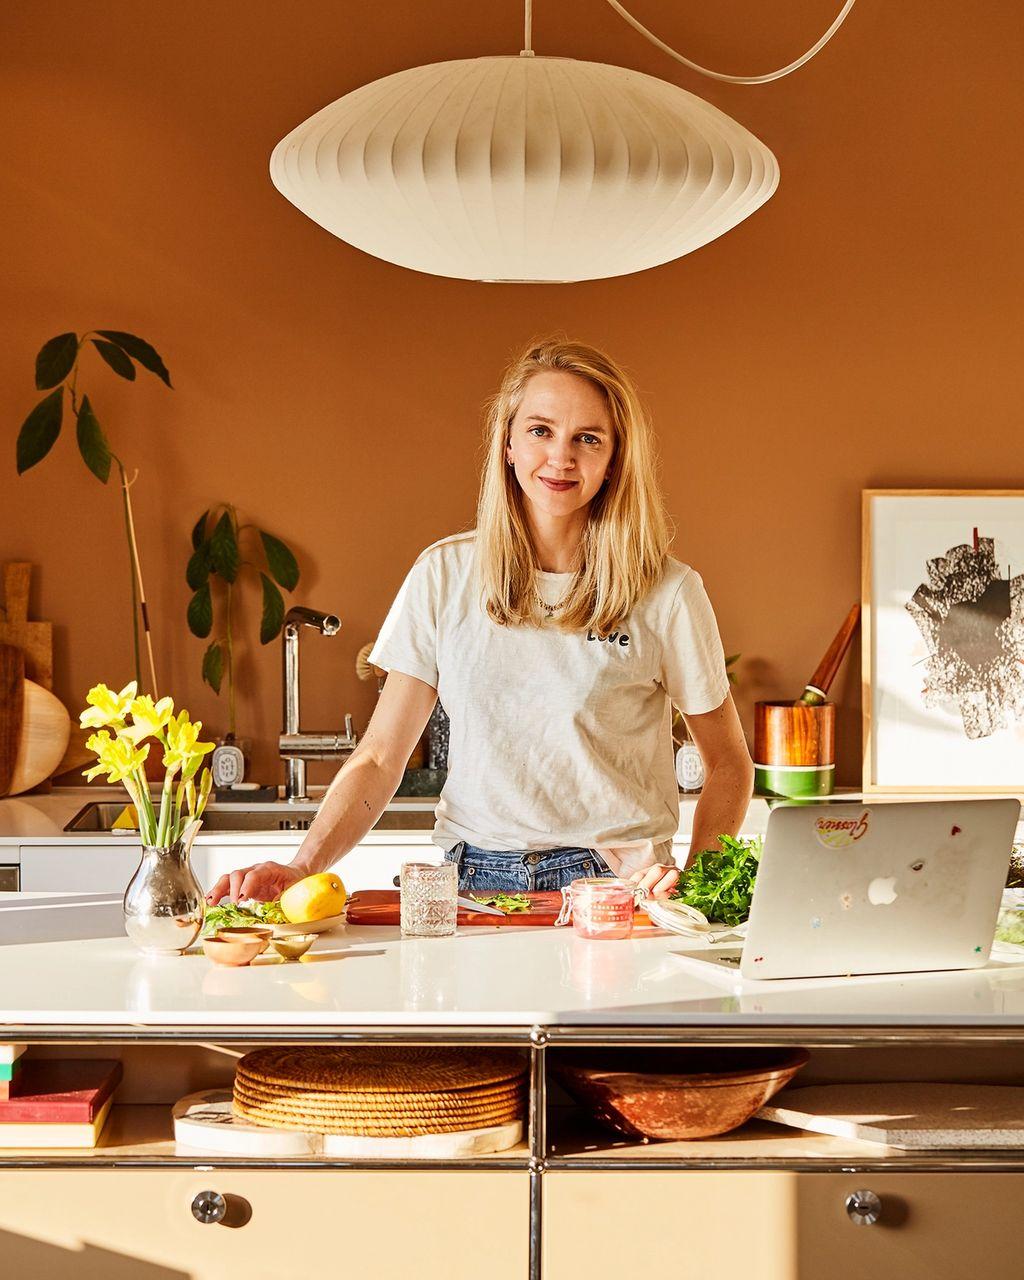 Mette Mortensen